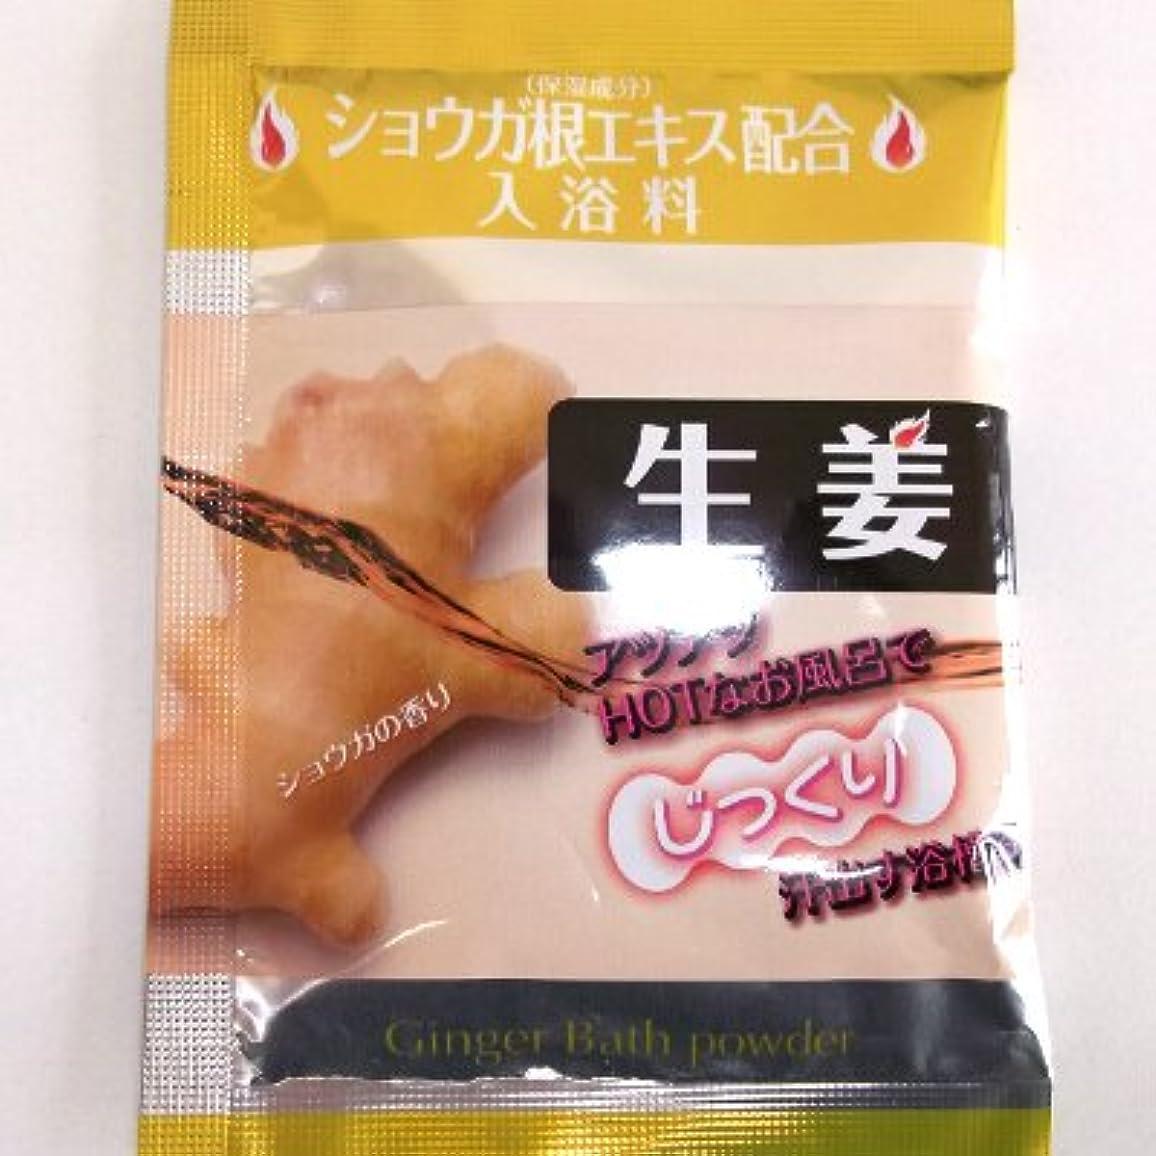 円形機構穿孔する湯冷め知らずの入浴料 生姜